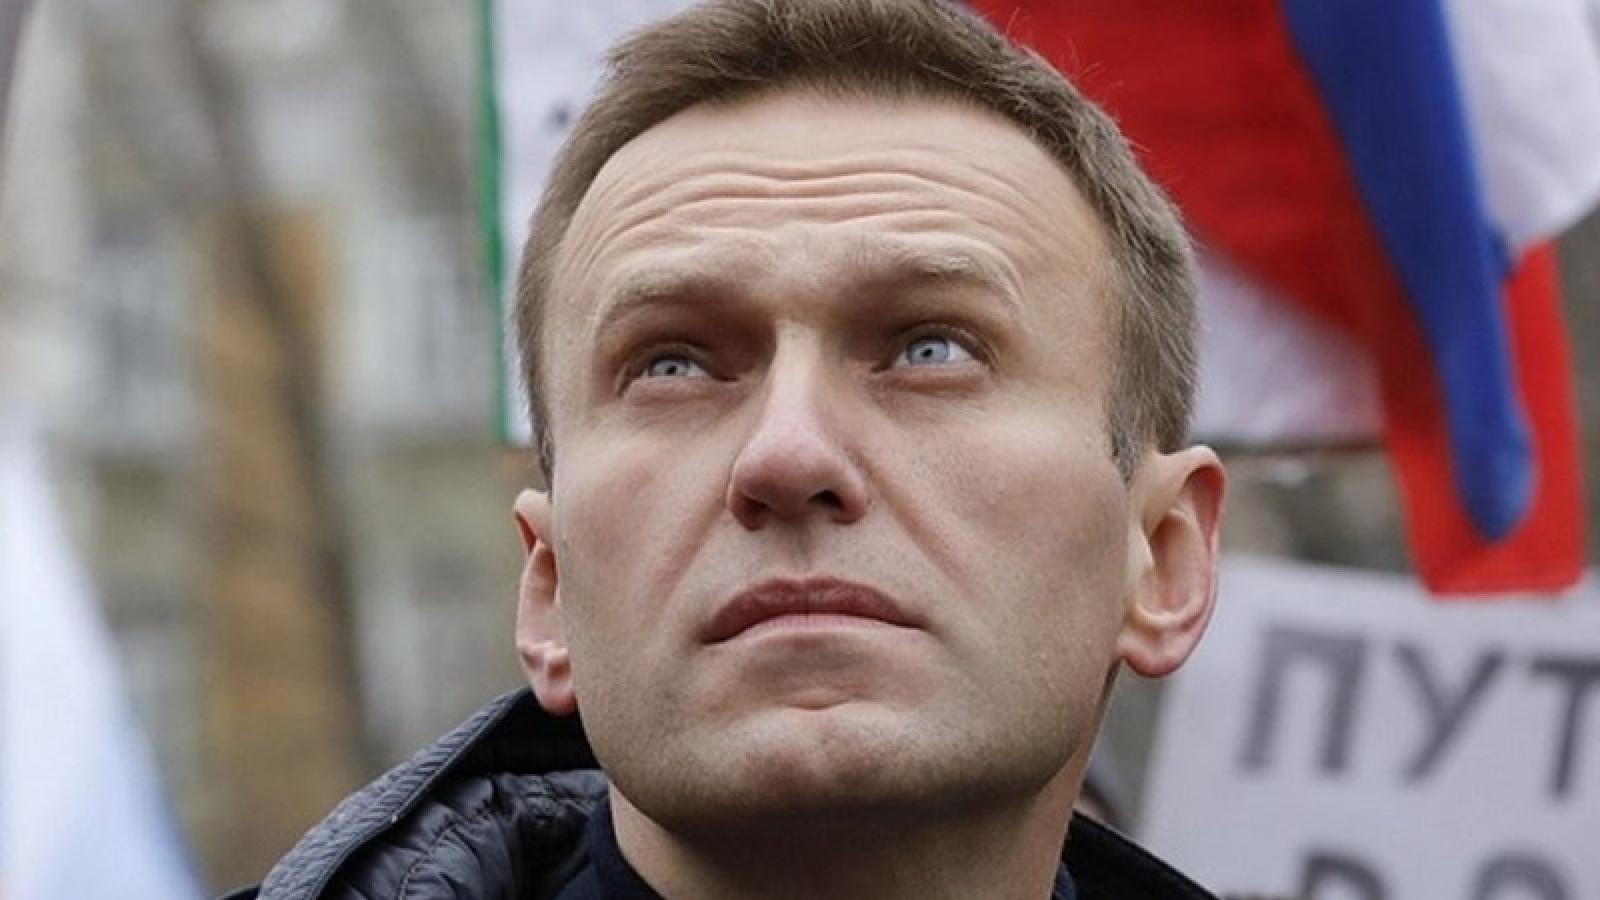 OPCW xác nhận có chất độc trong mẫu máu của Navalny